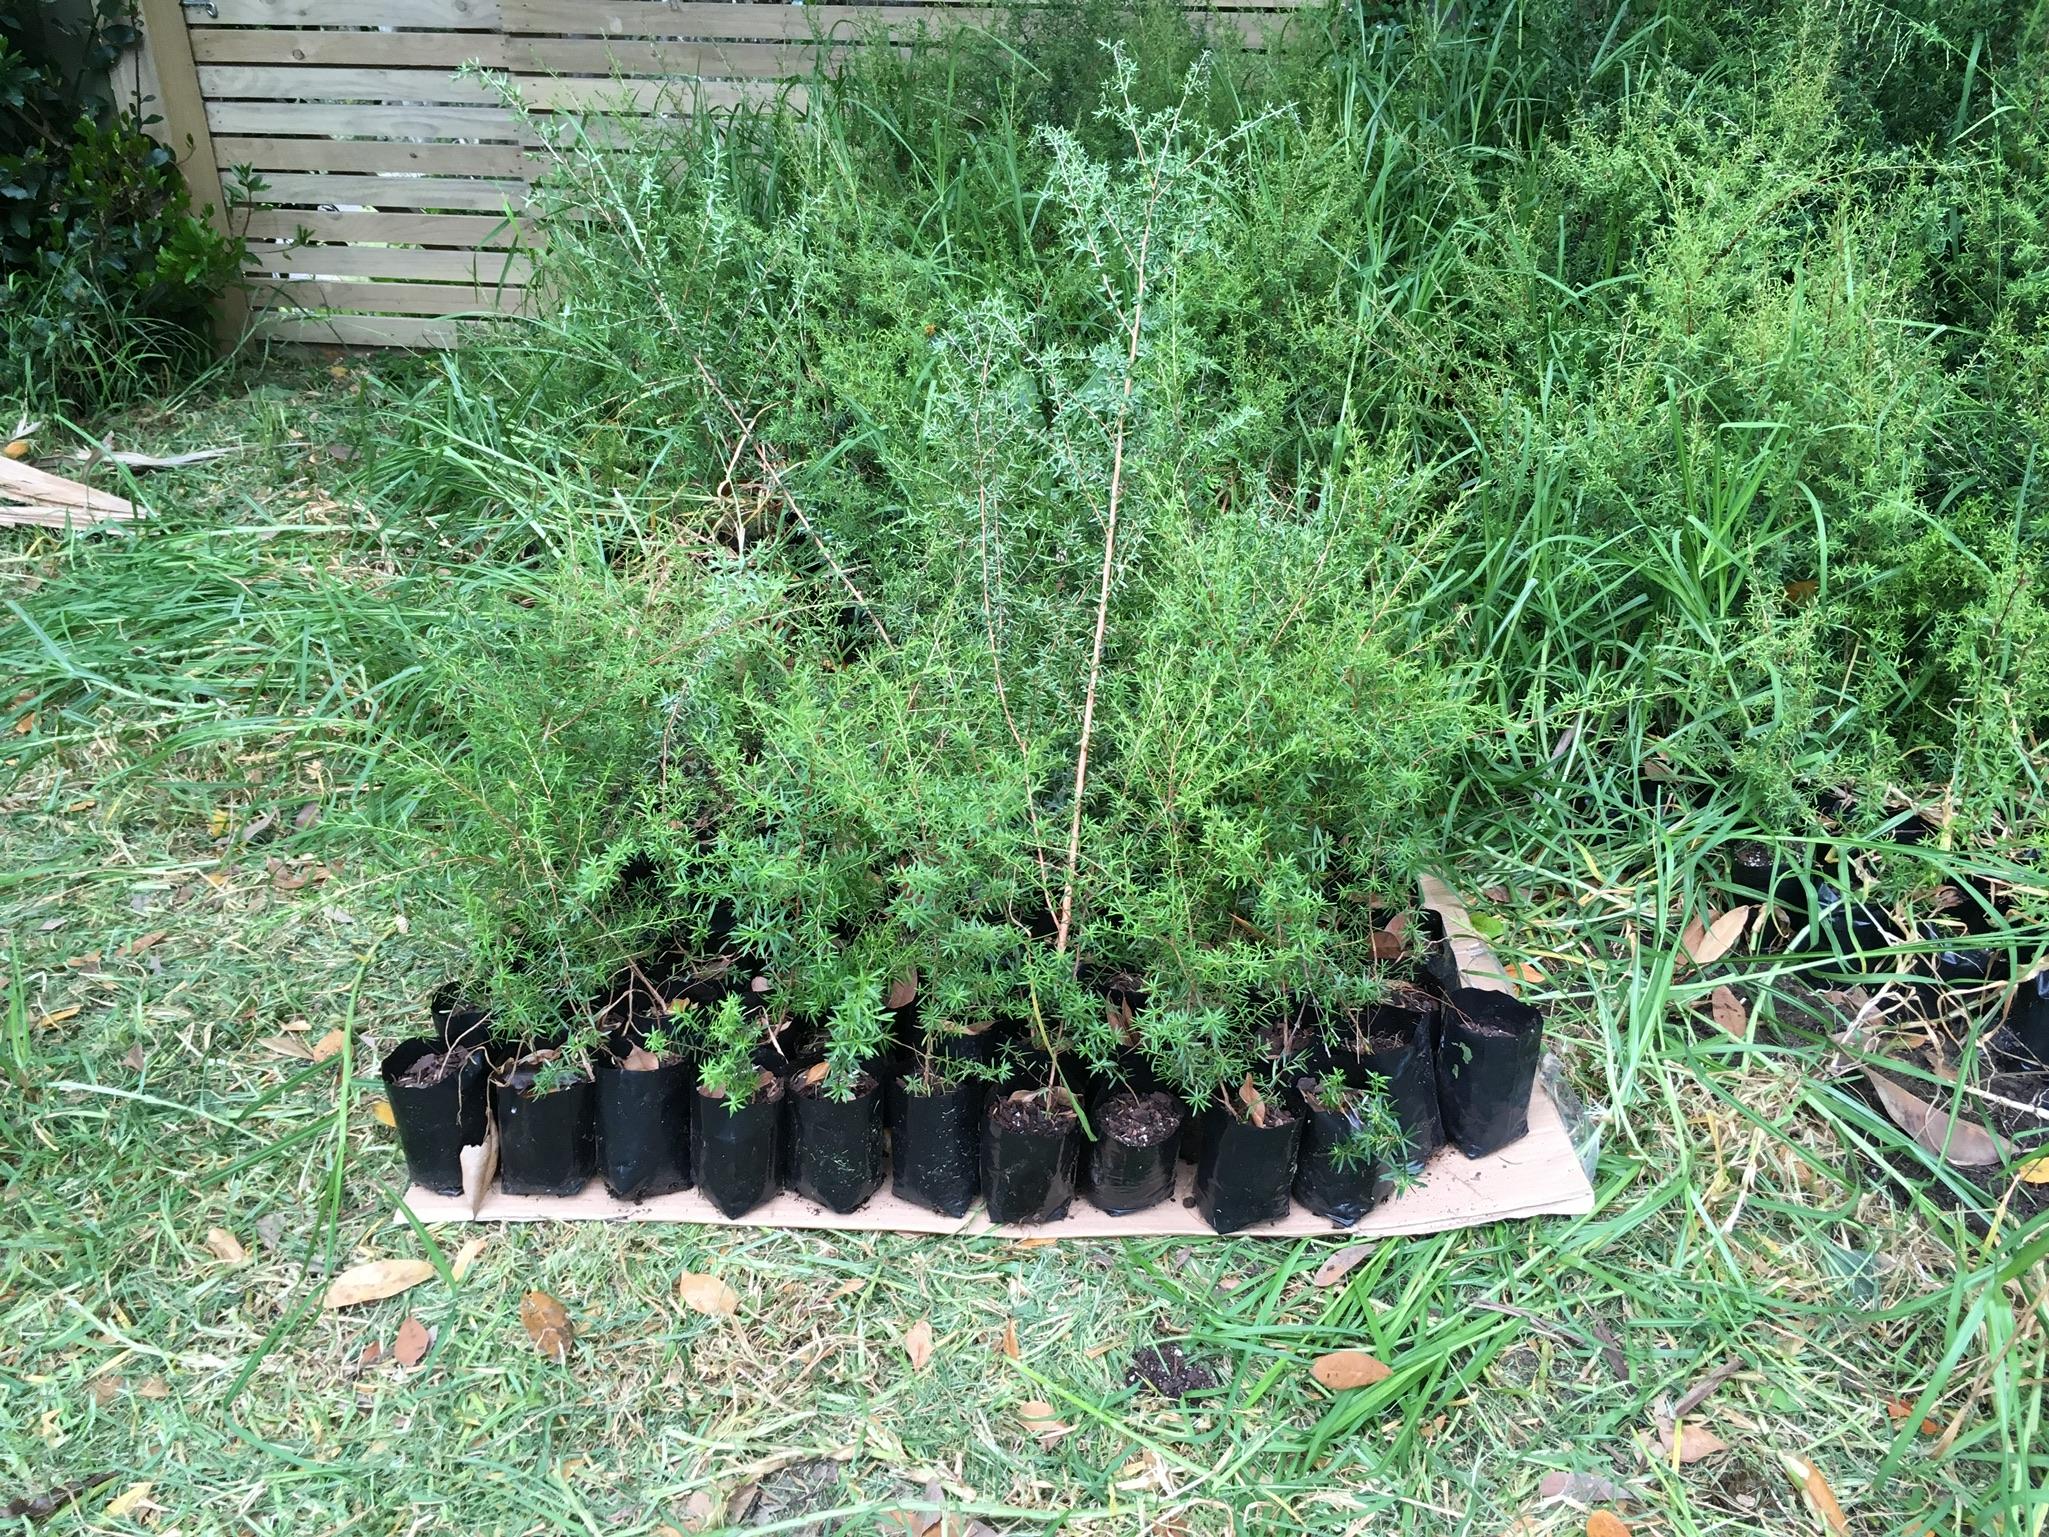 Manuka seedlings laid out on cardboard